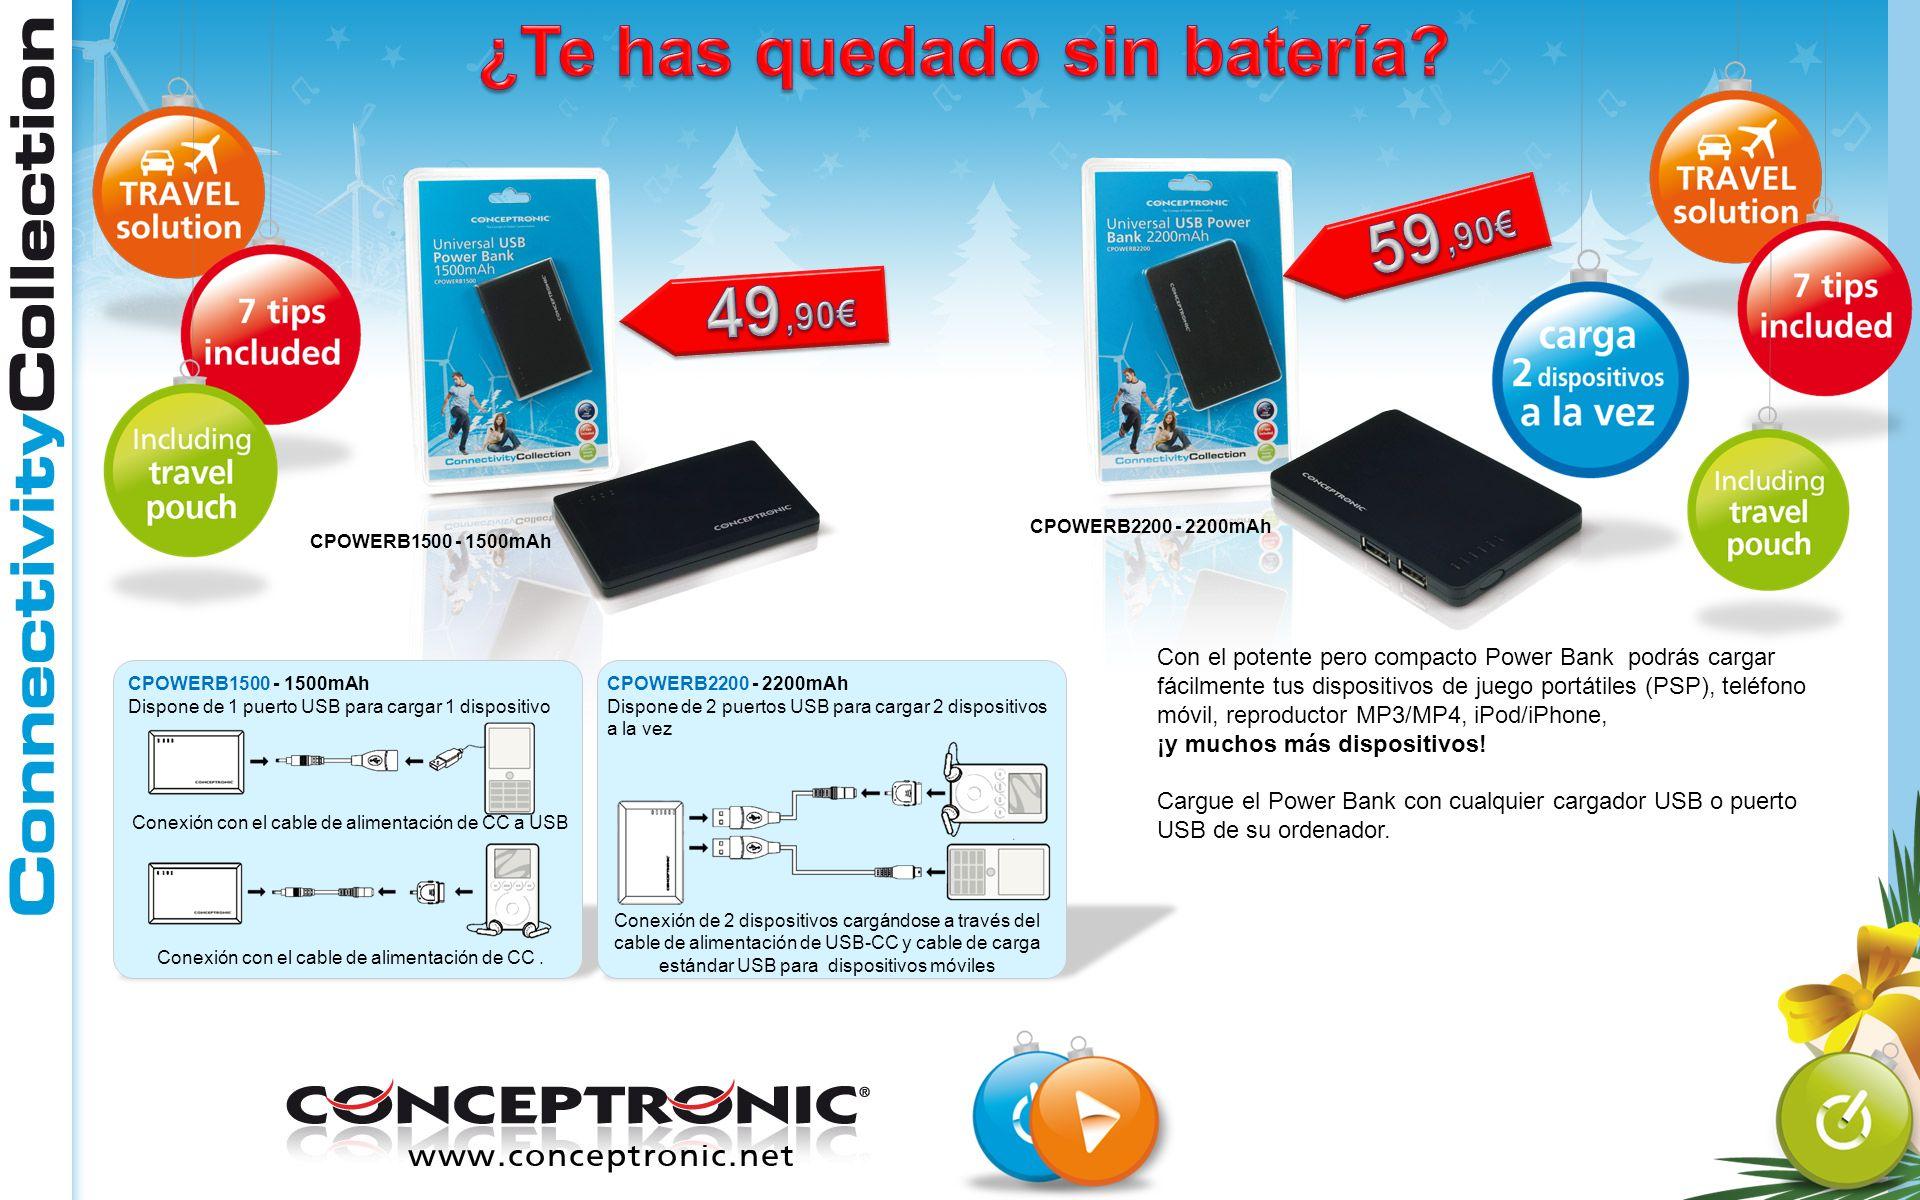 CNB90SL Universal Slim Notebook Power Adapter 90W Extraplano Variedad de cargadores para Netbook y Notebook